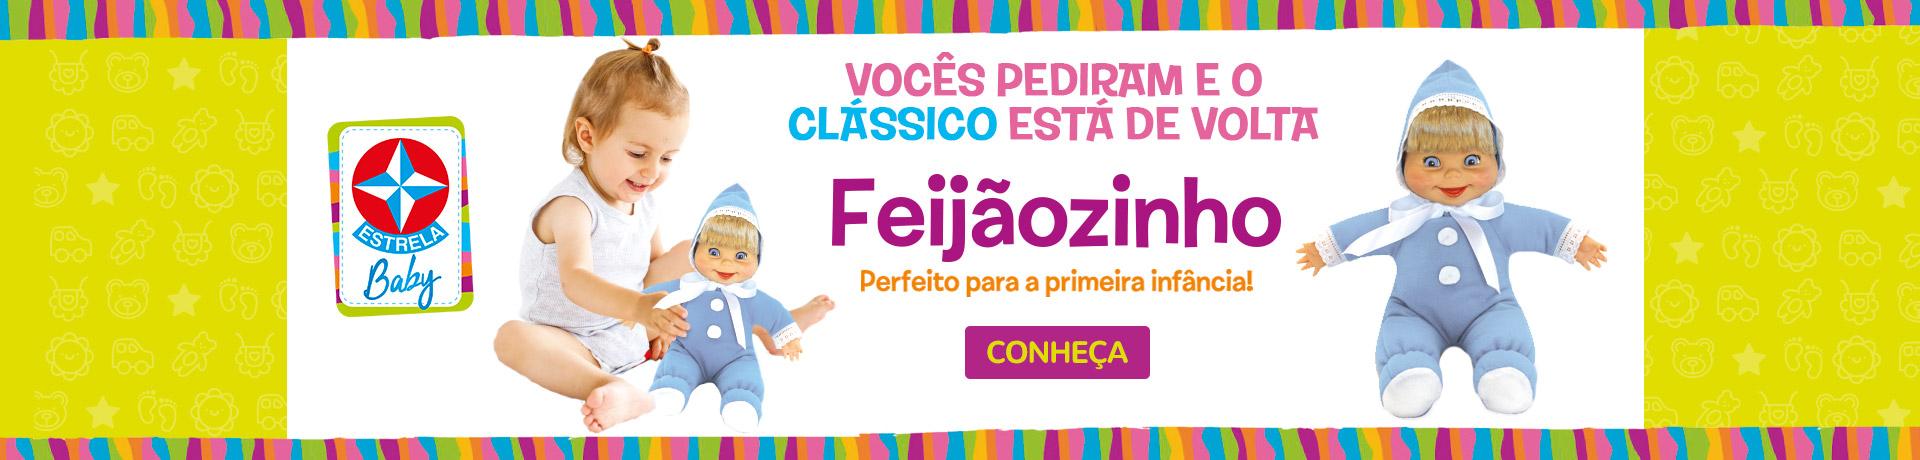 Boneco Feijãozinho